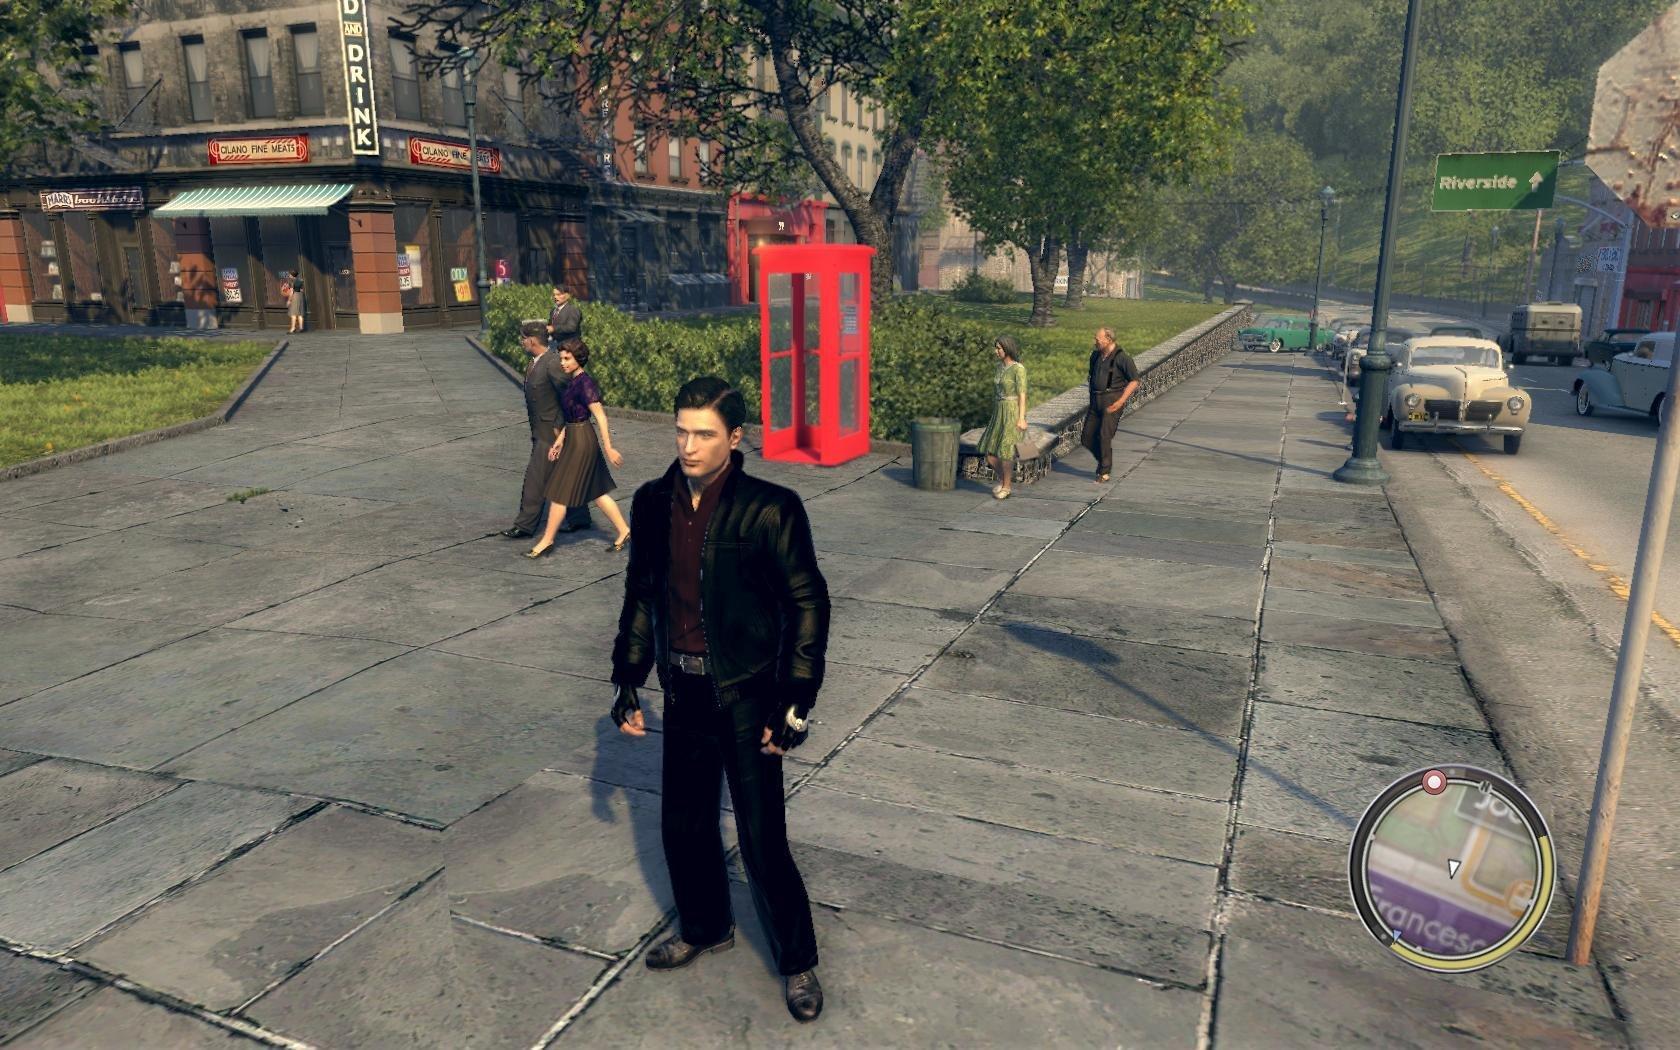 Игра мафия 2 расширенное издание, игра на пк mafia 2 скачать торрент.